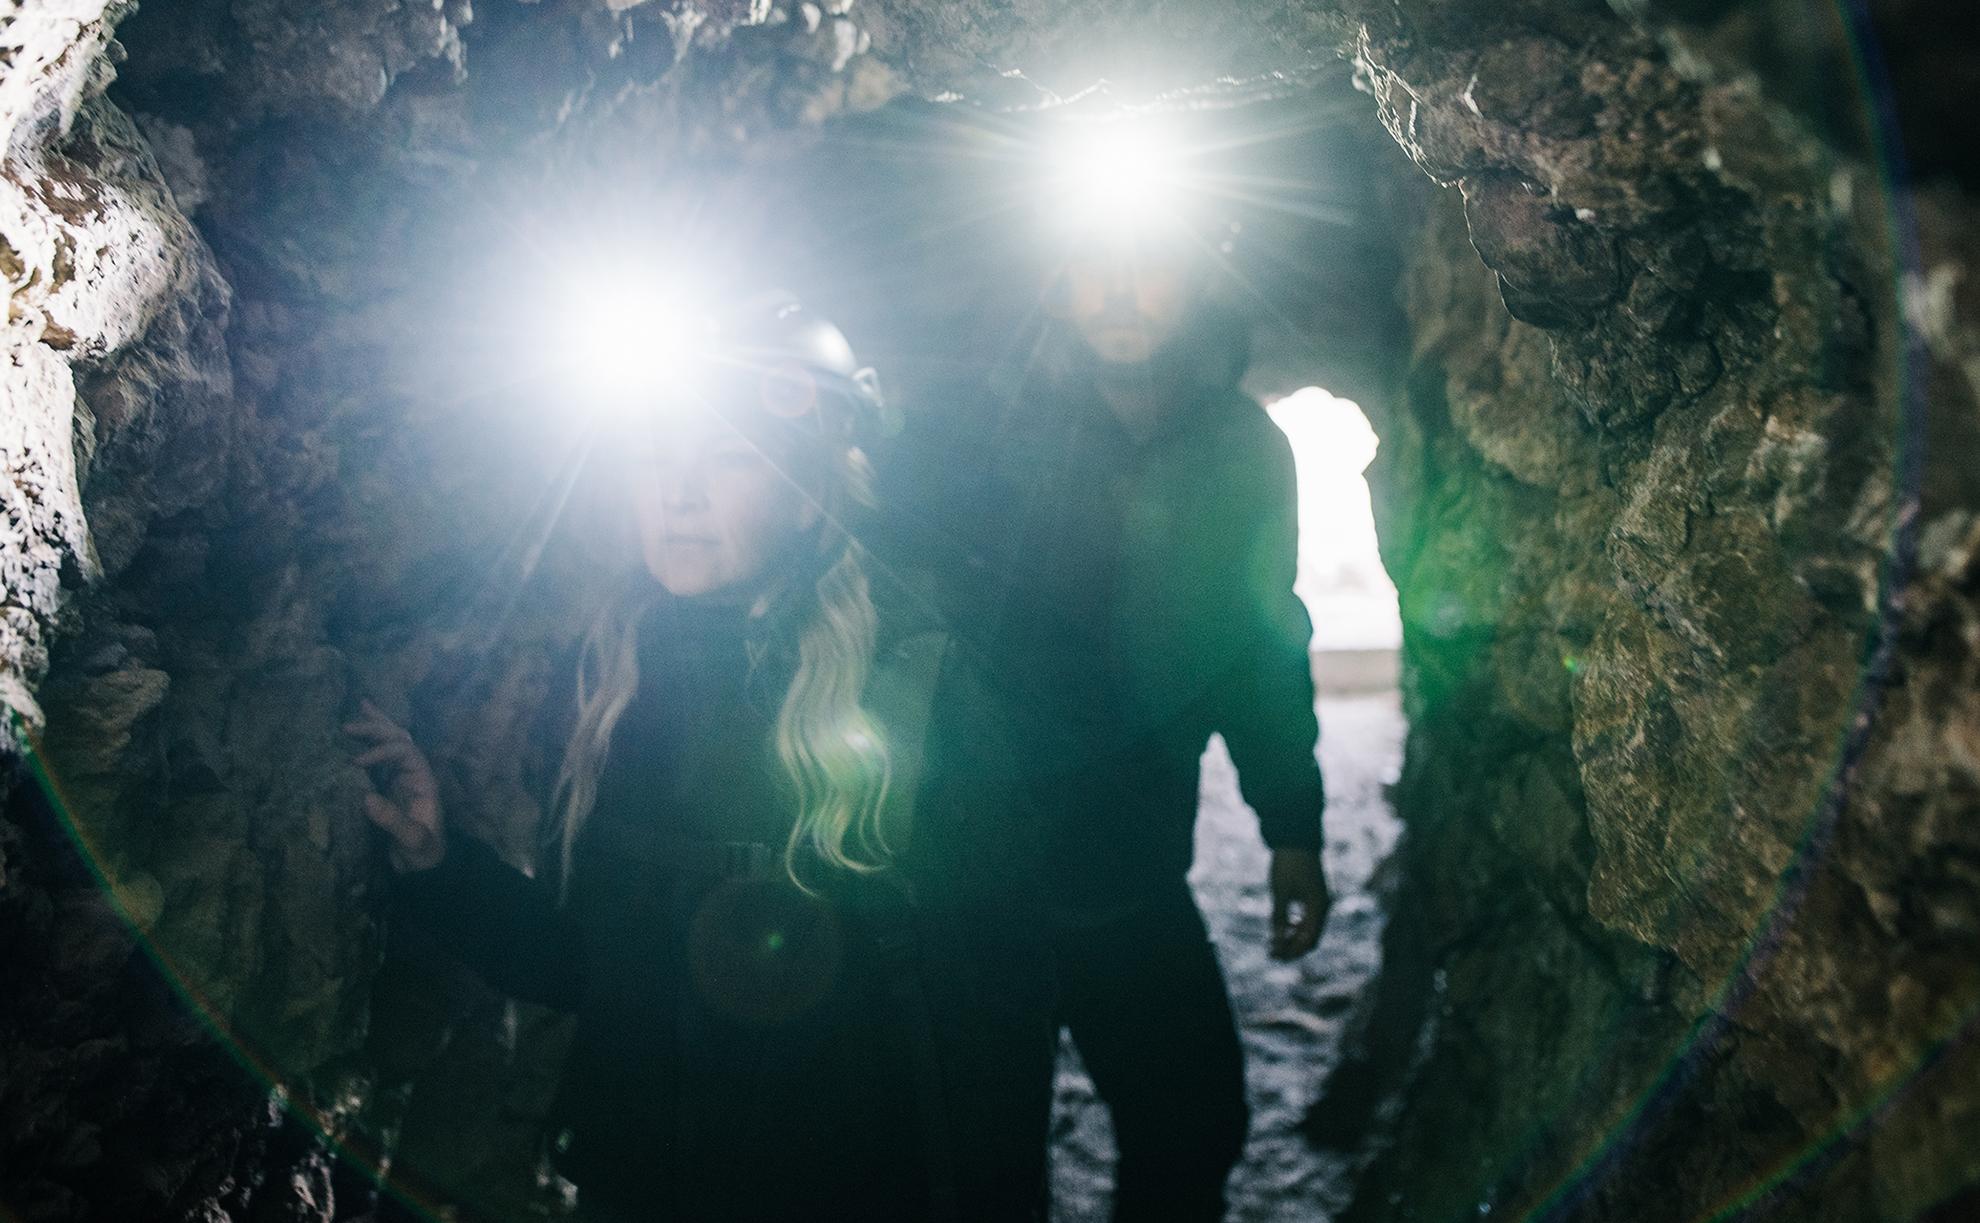 SureFire Minimus best headlamp for exploring caverns